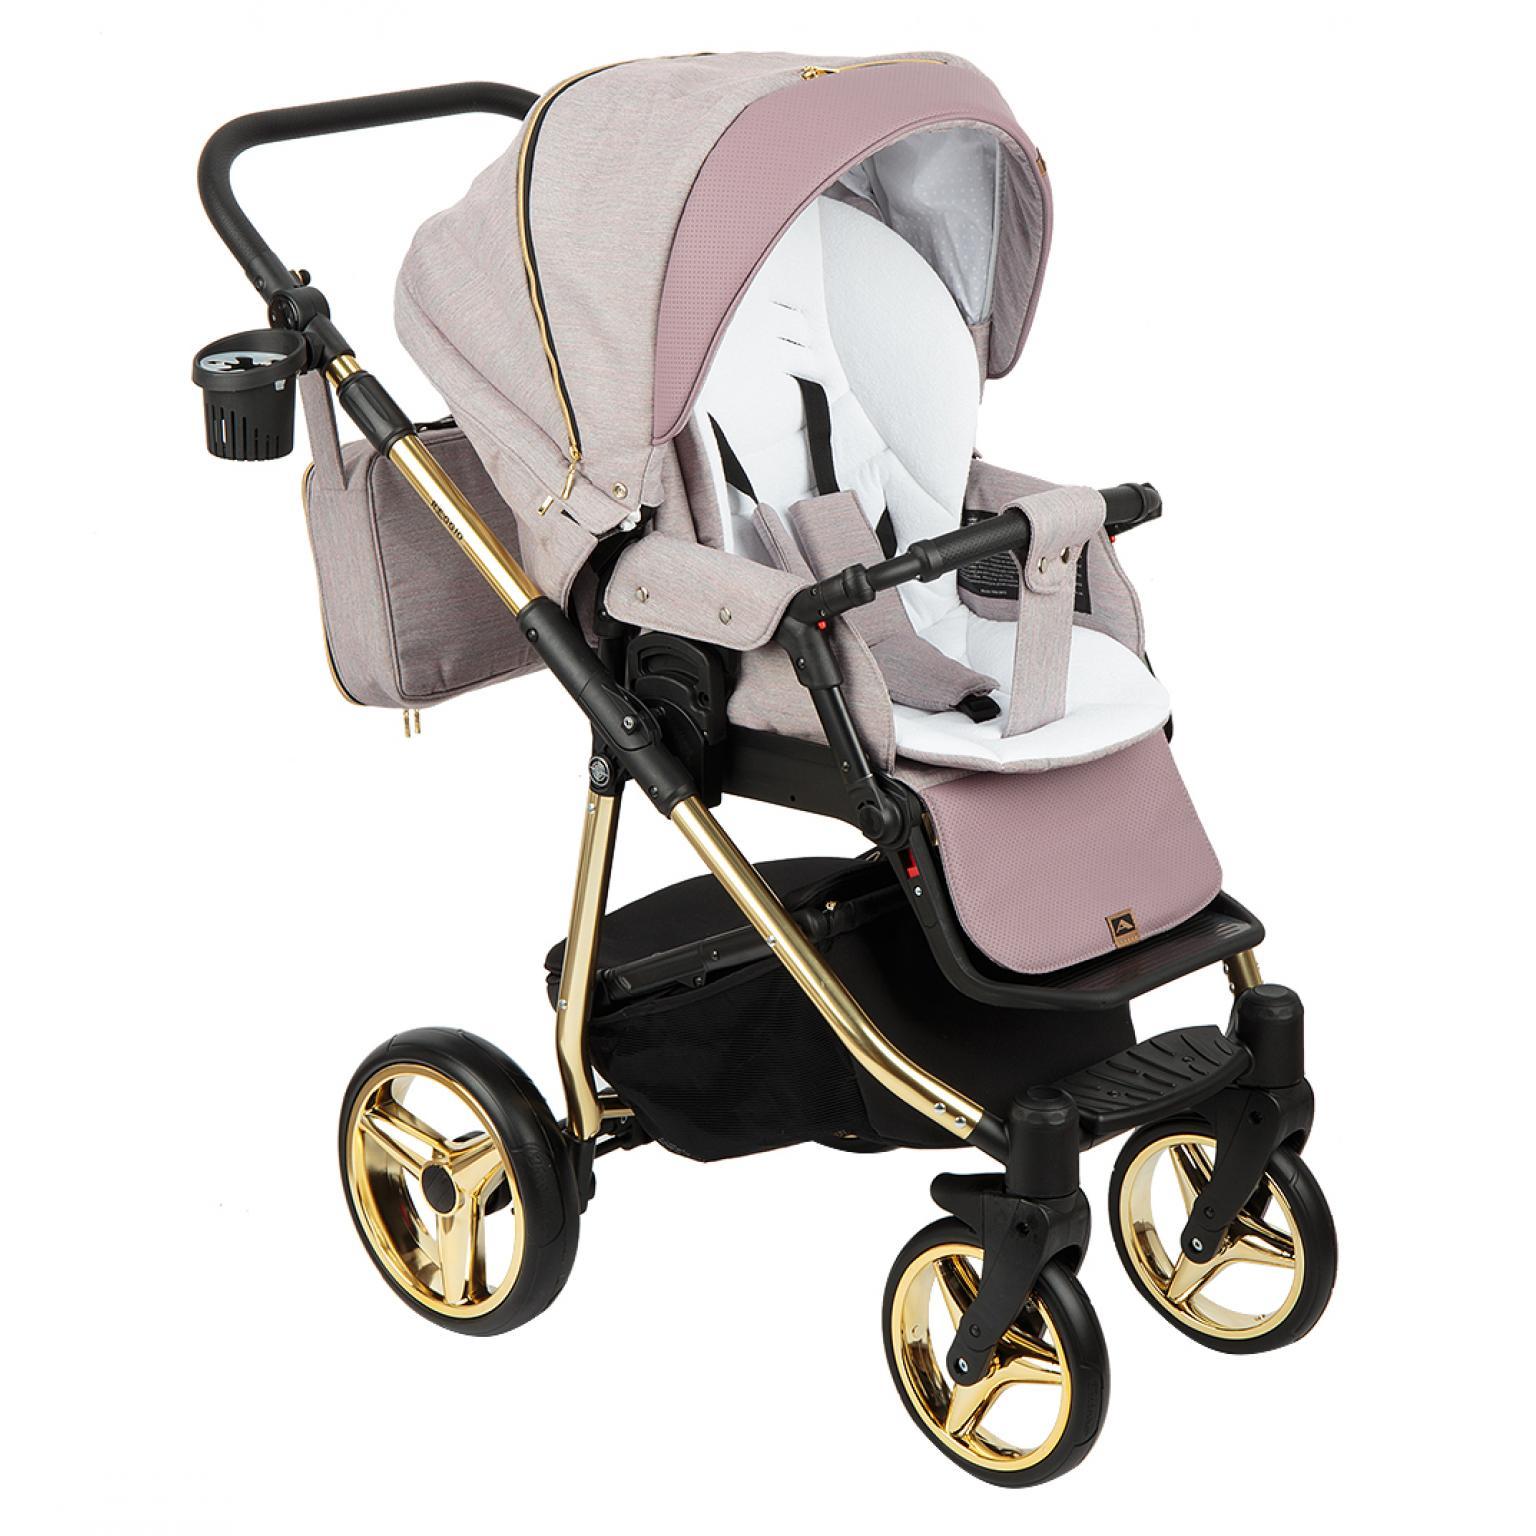 Bērnu-rati-adamex-reggio-Special-Edition-Y-811-детская-коляска-adamex-reggio-Special-Edition-Y-811